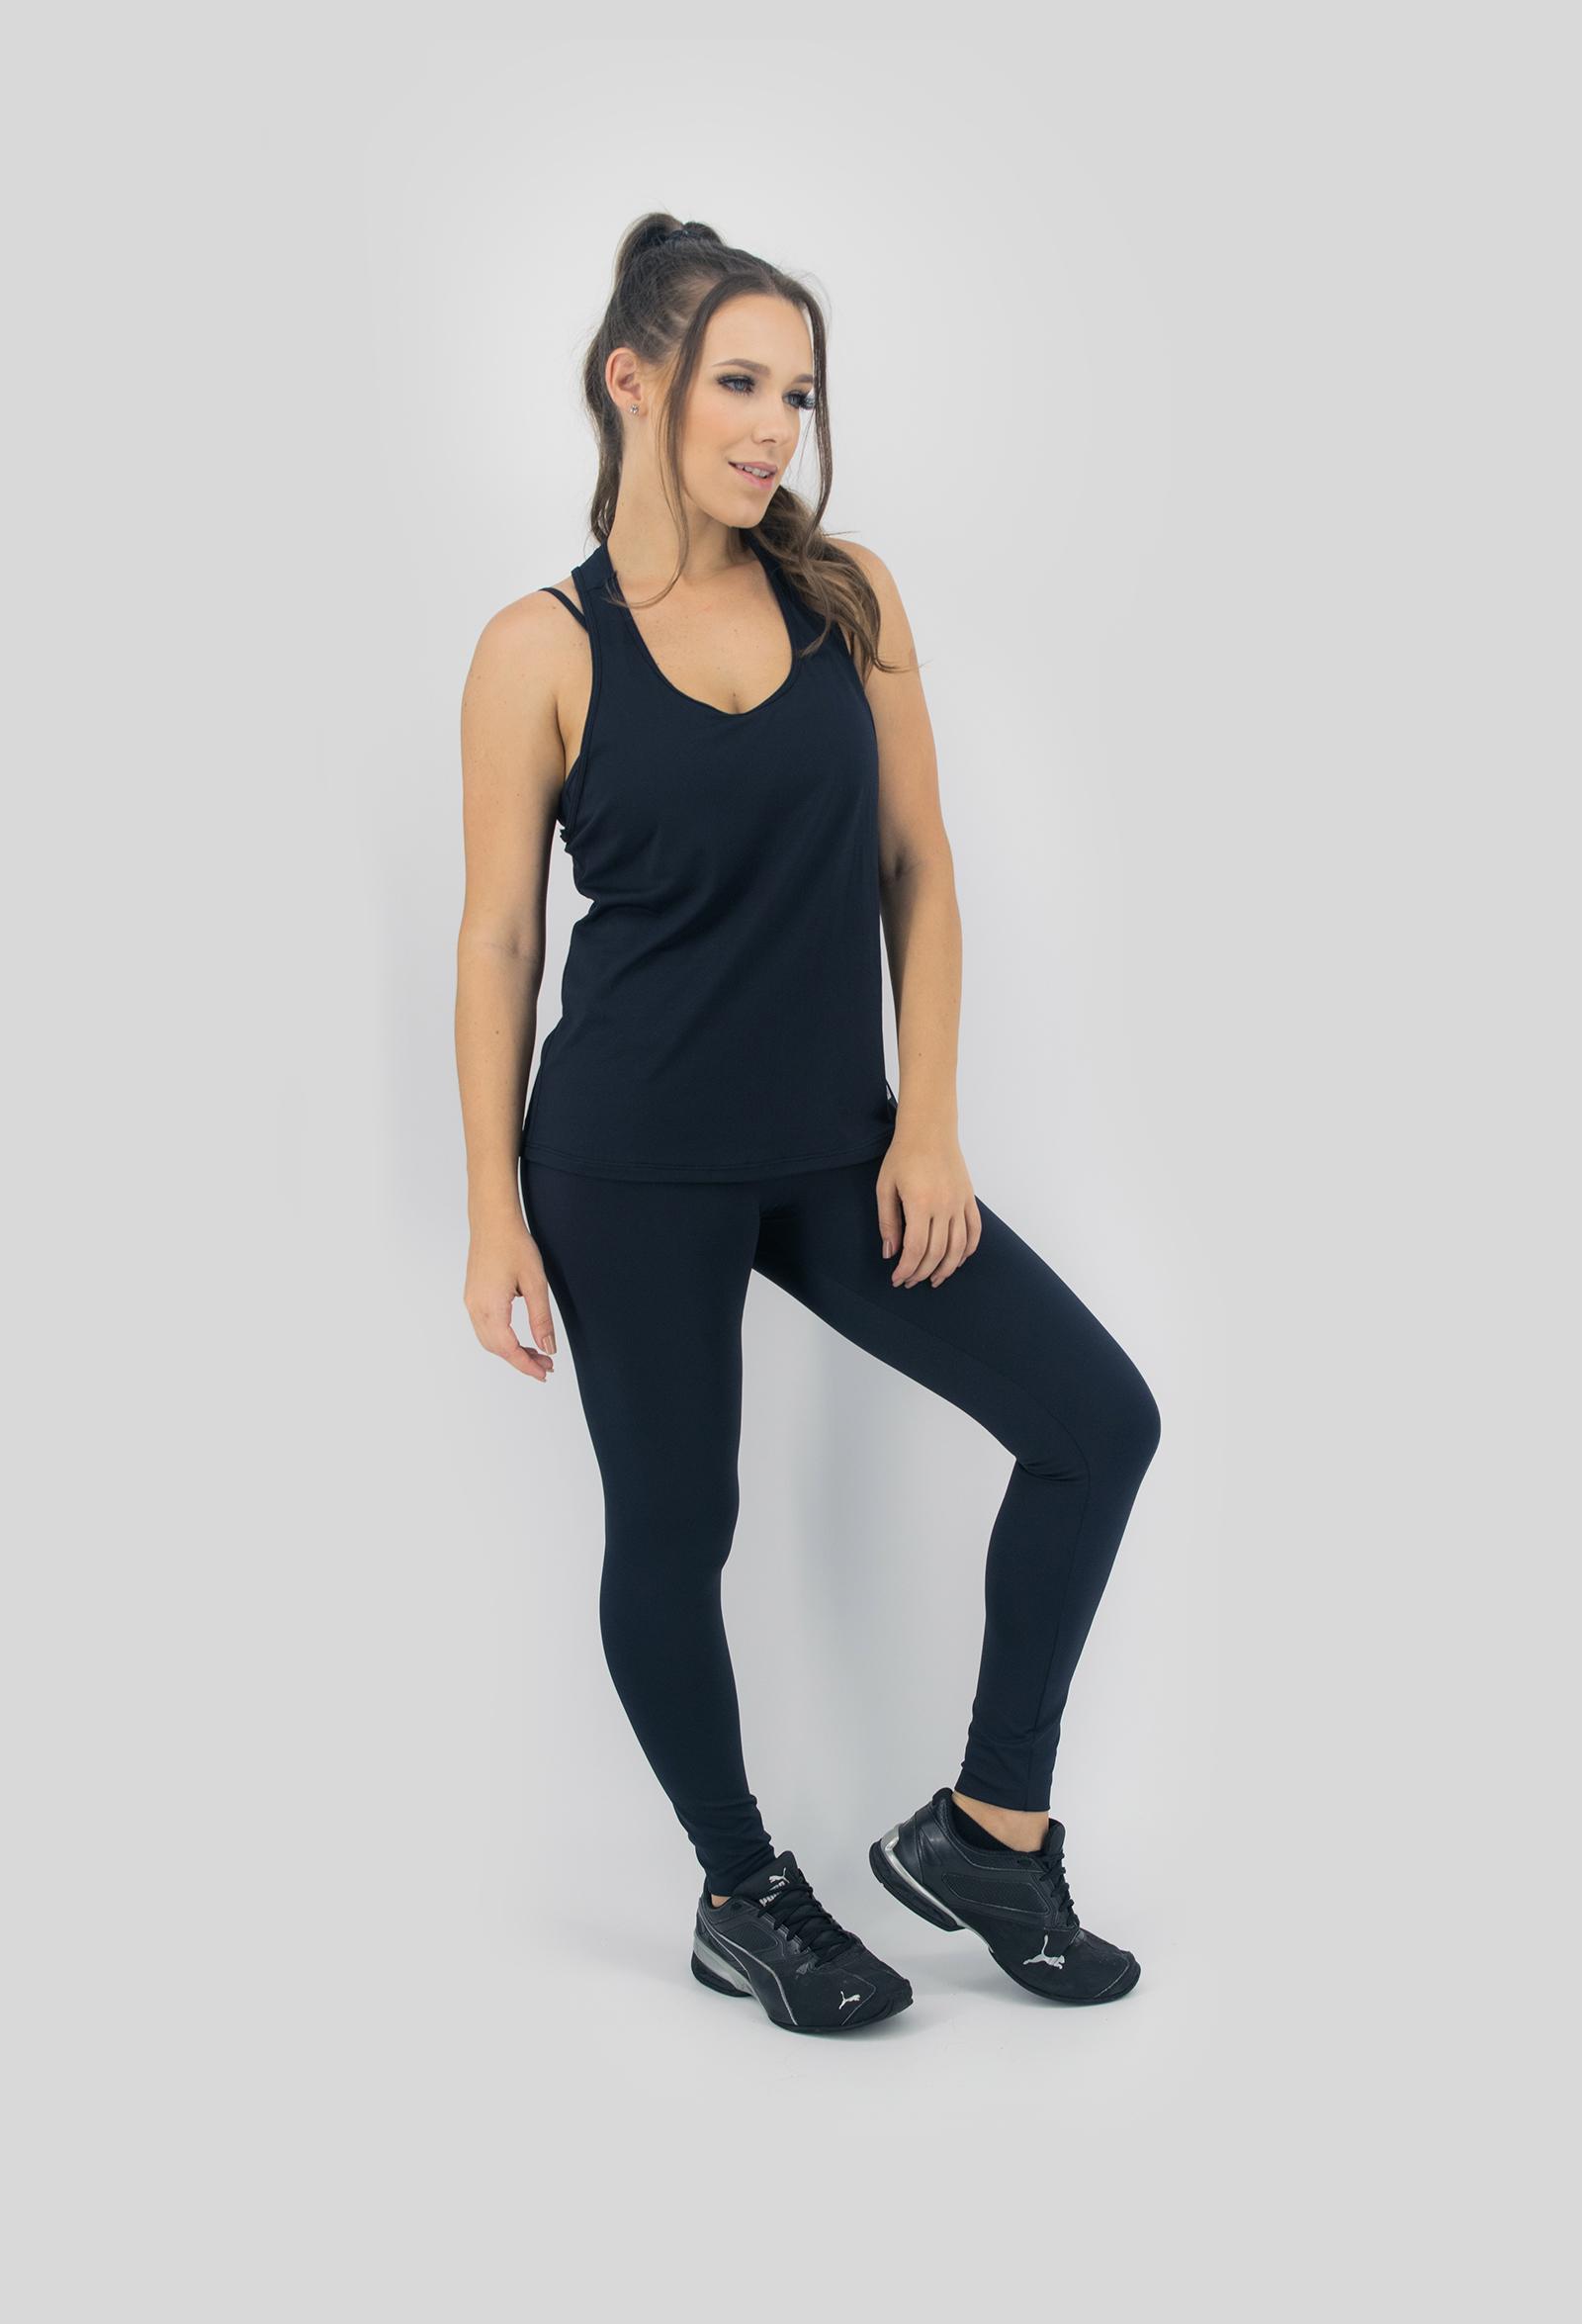 Regata NKT Preta, Coleção Move Your Body - NKT Fitwear Moda Fitness